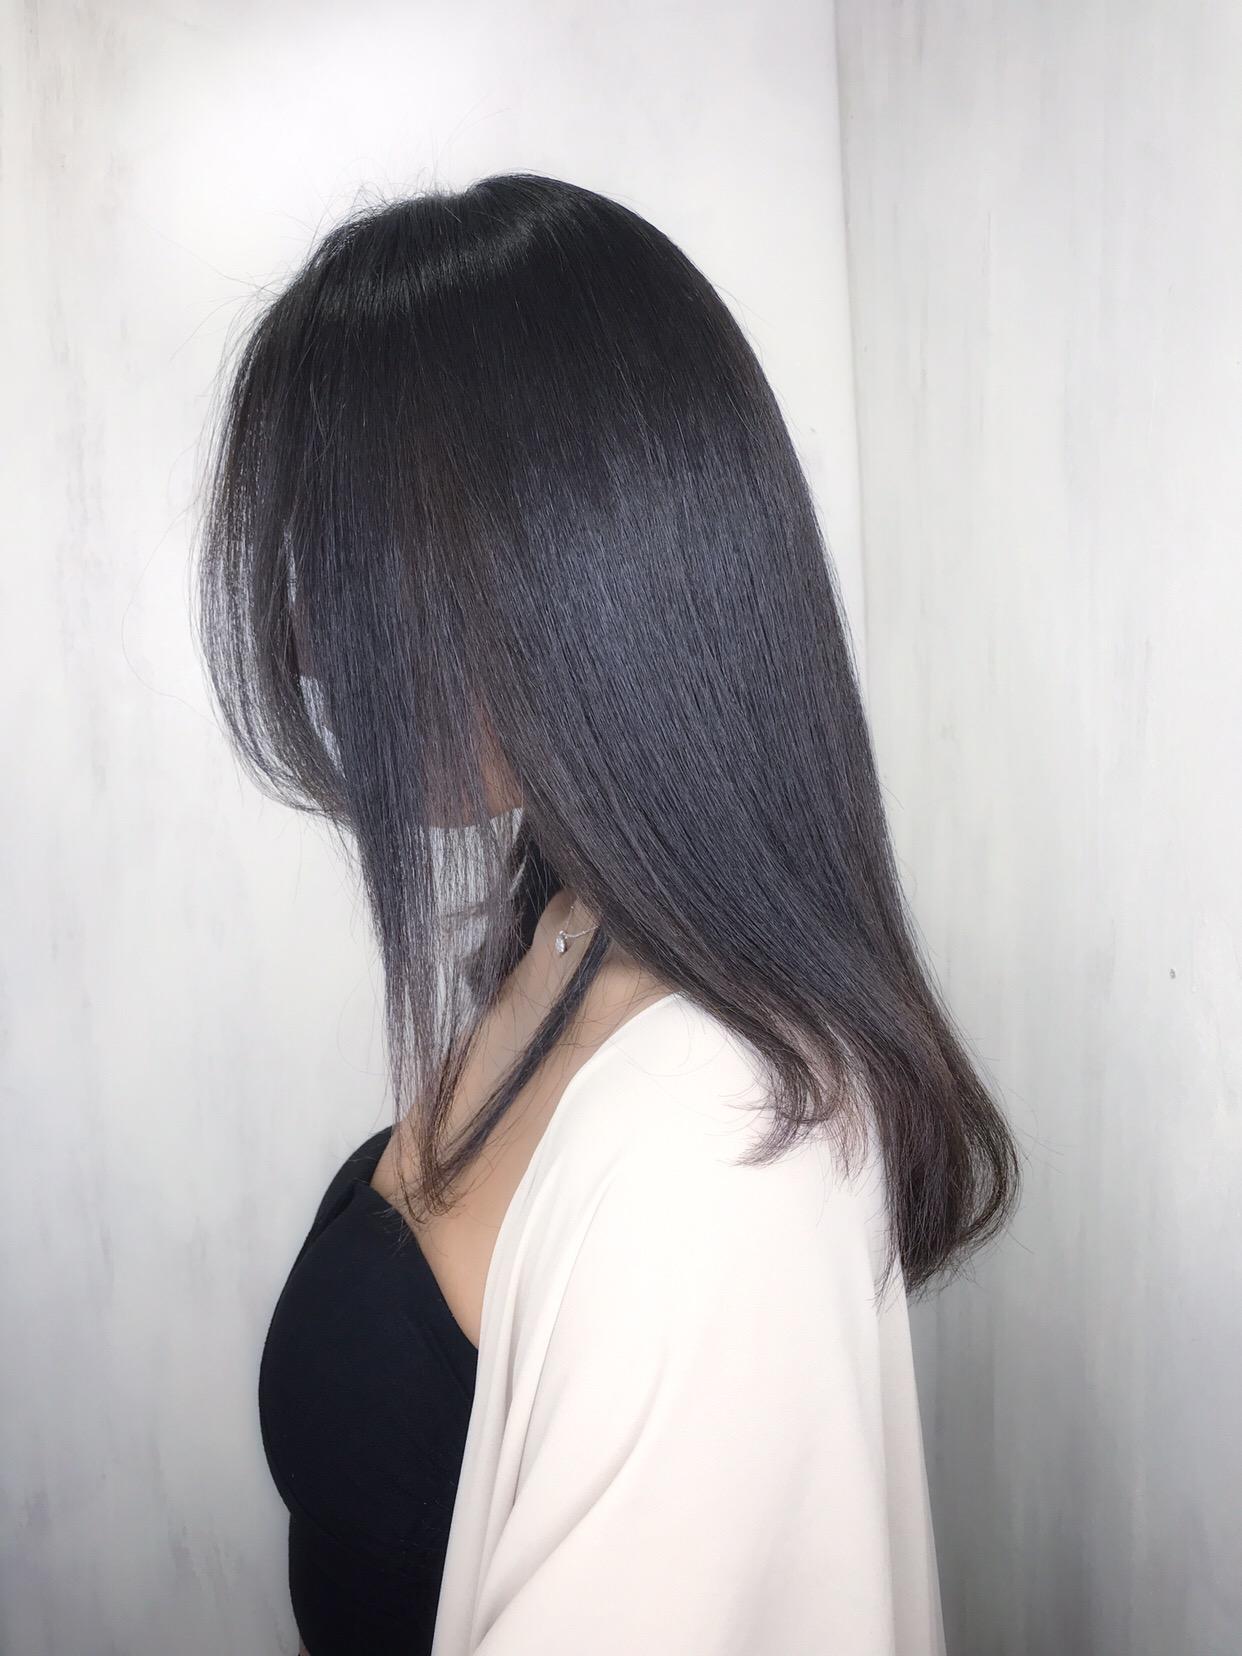 スパイラルパーマを【ビビリ矯正】で艶髪に。原宿・表参道『1000人をツヤ髪にヘアケア美容師の挑戦』